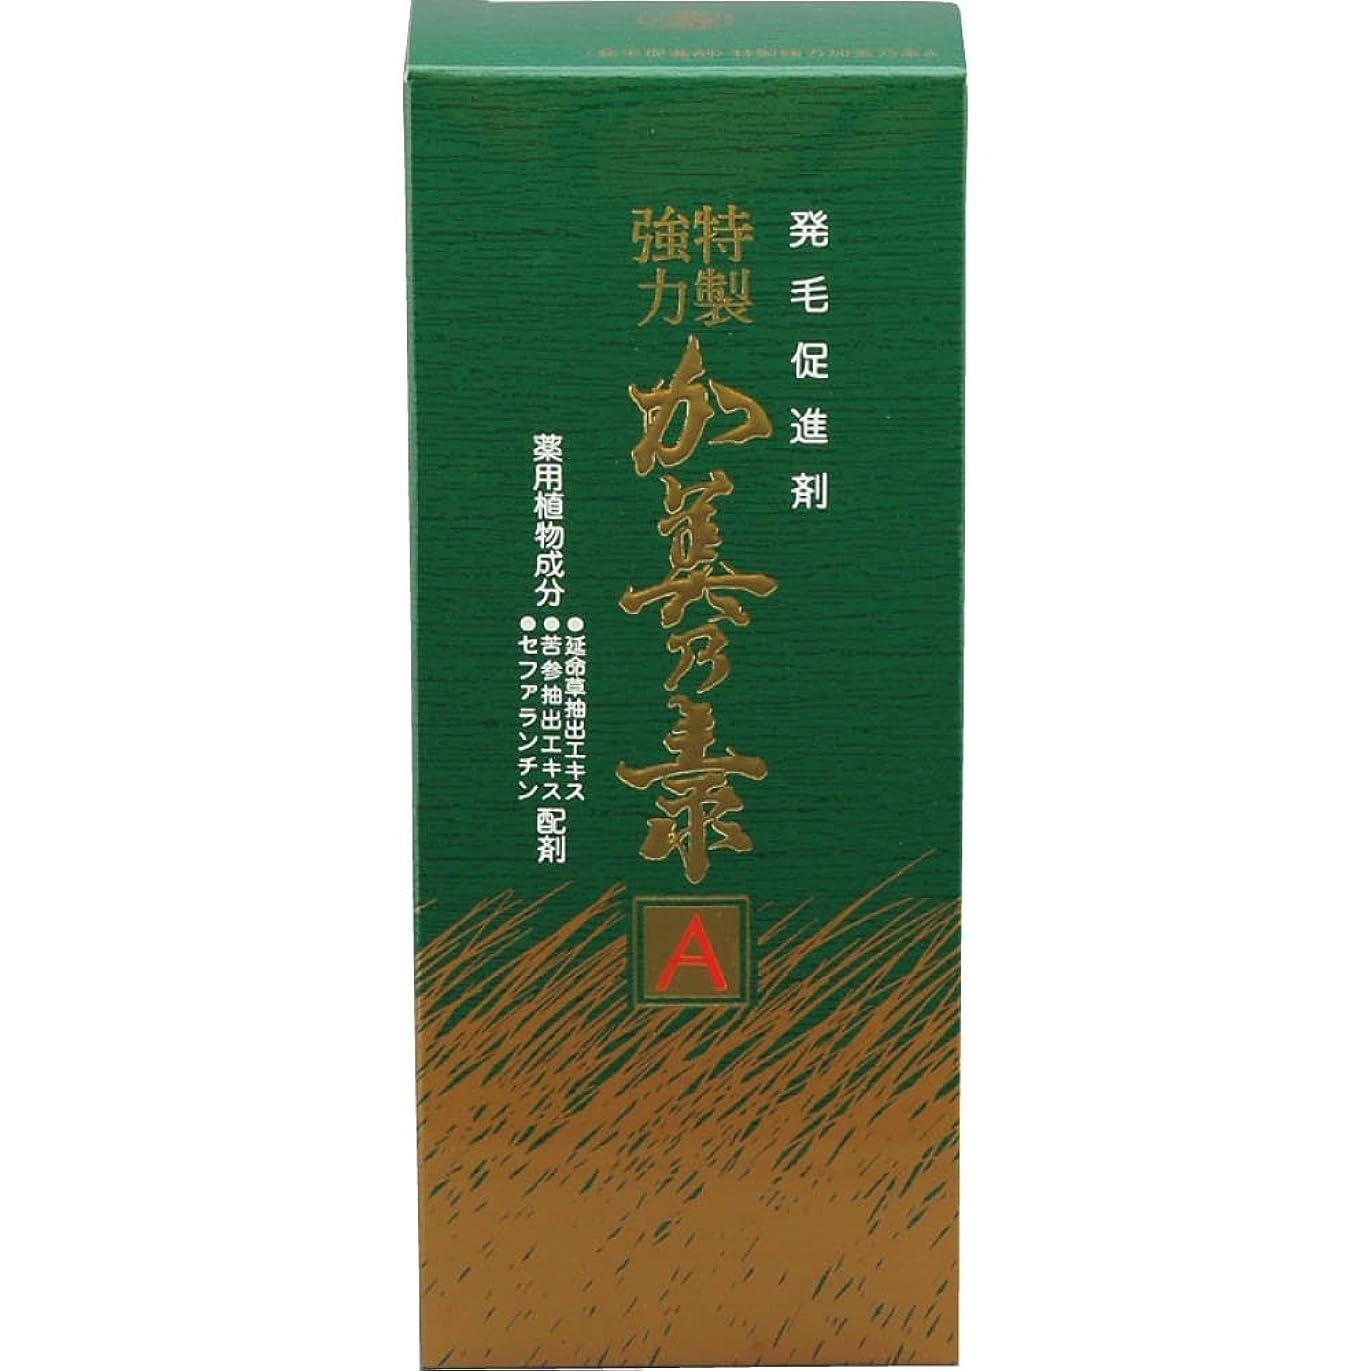 静かな余暇ラショナル特製強力加美乃素A フレッシュシトラスの香り 180mL 【医薬部外品】